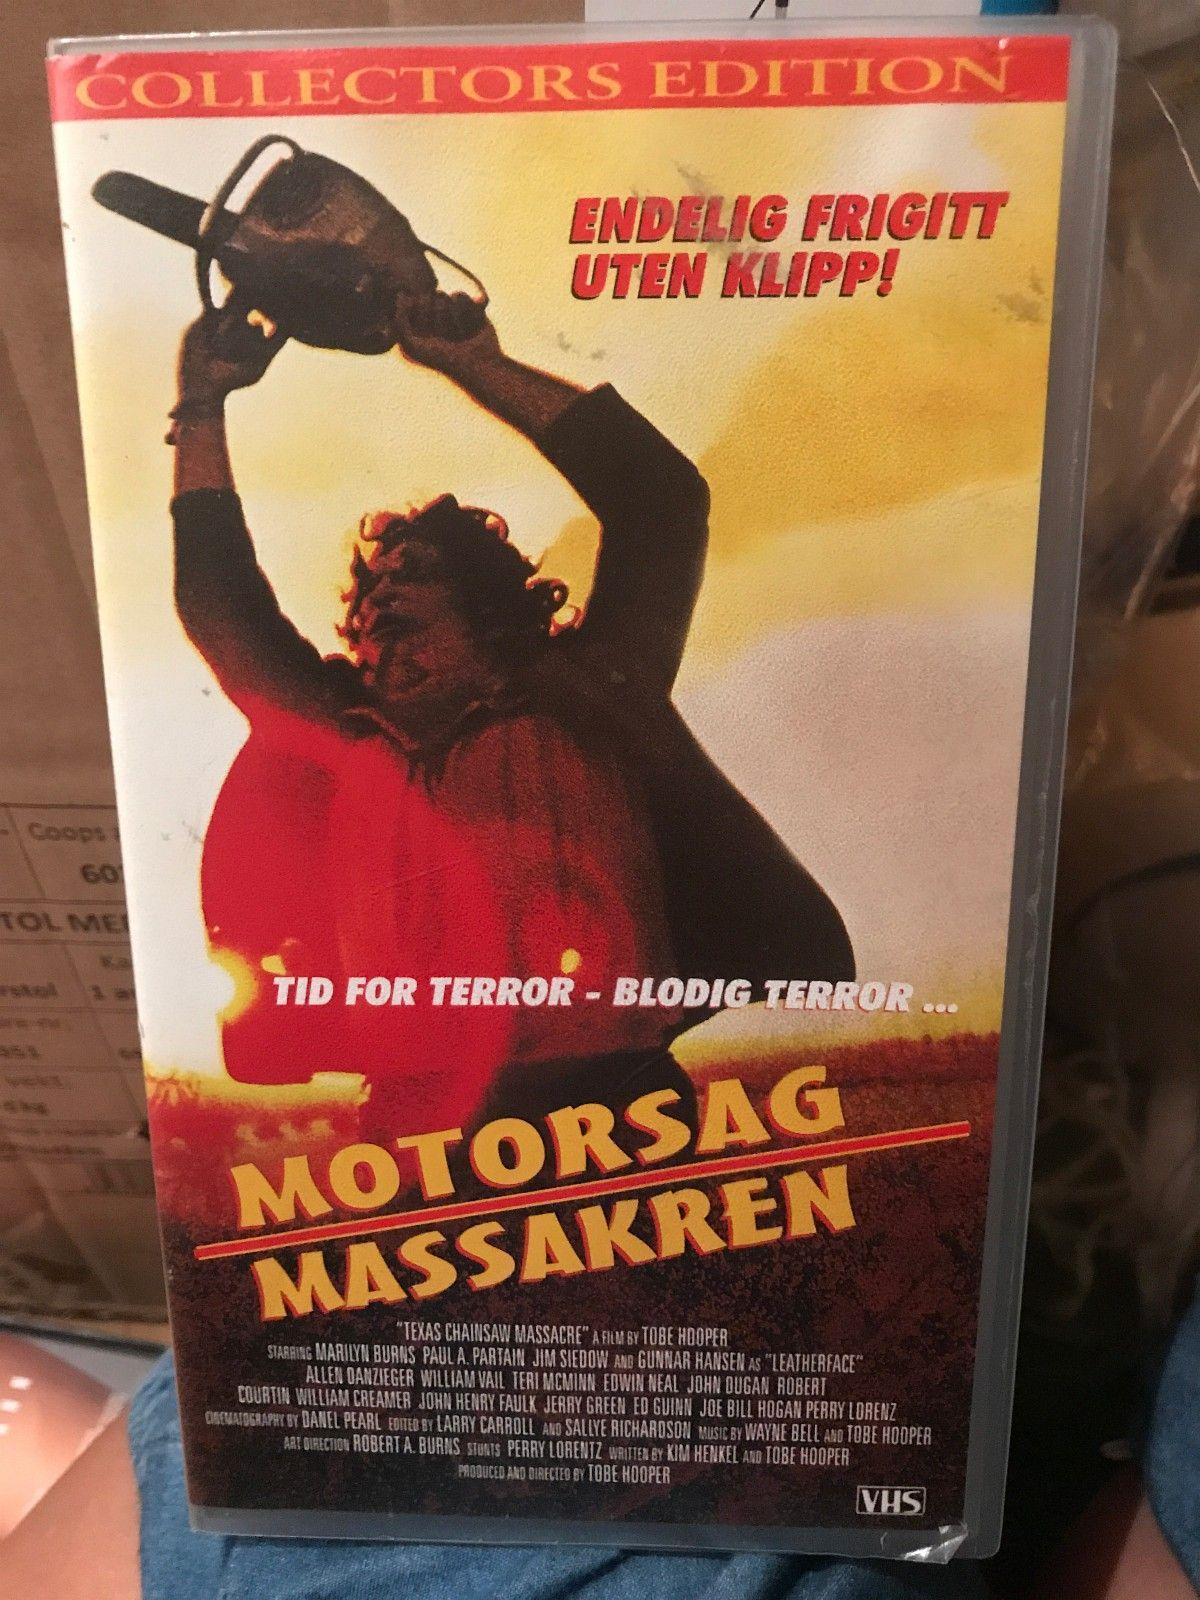 VHS bl.a motorsagmassakren, pulp fiction m m selges samlet - Nyborg  - VHS filmer selges samlet 100kr + porto. - Nyborg